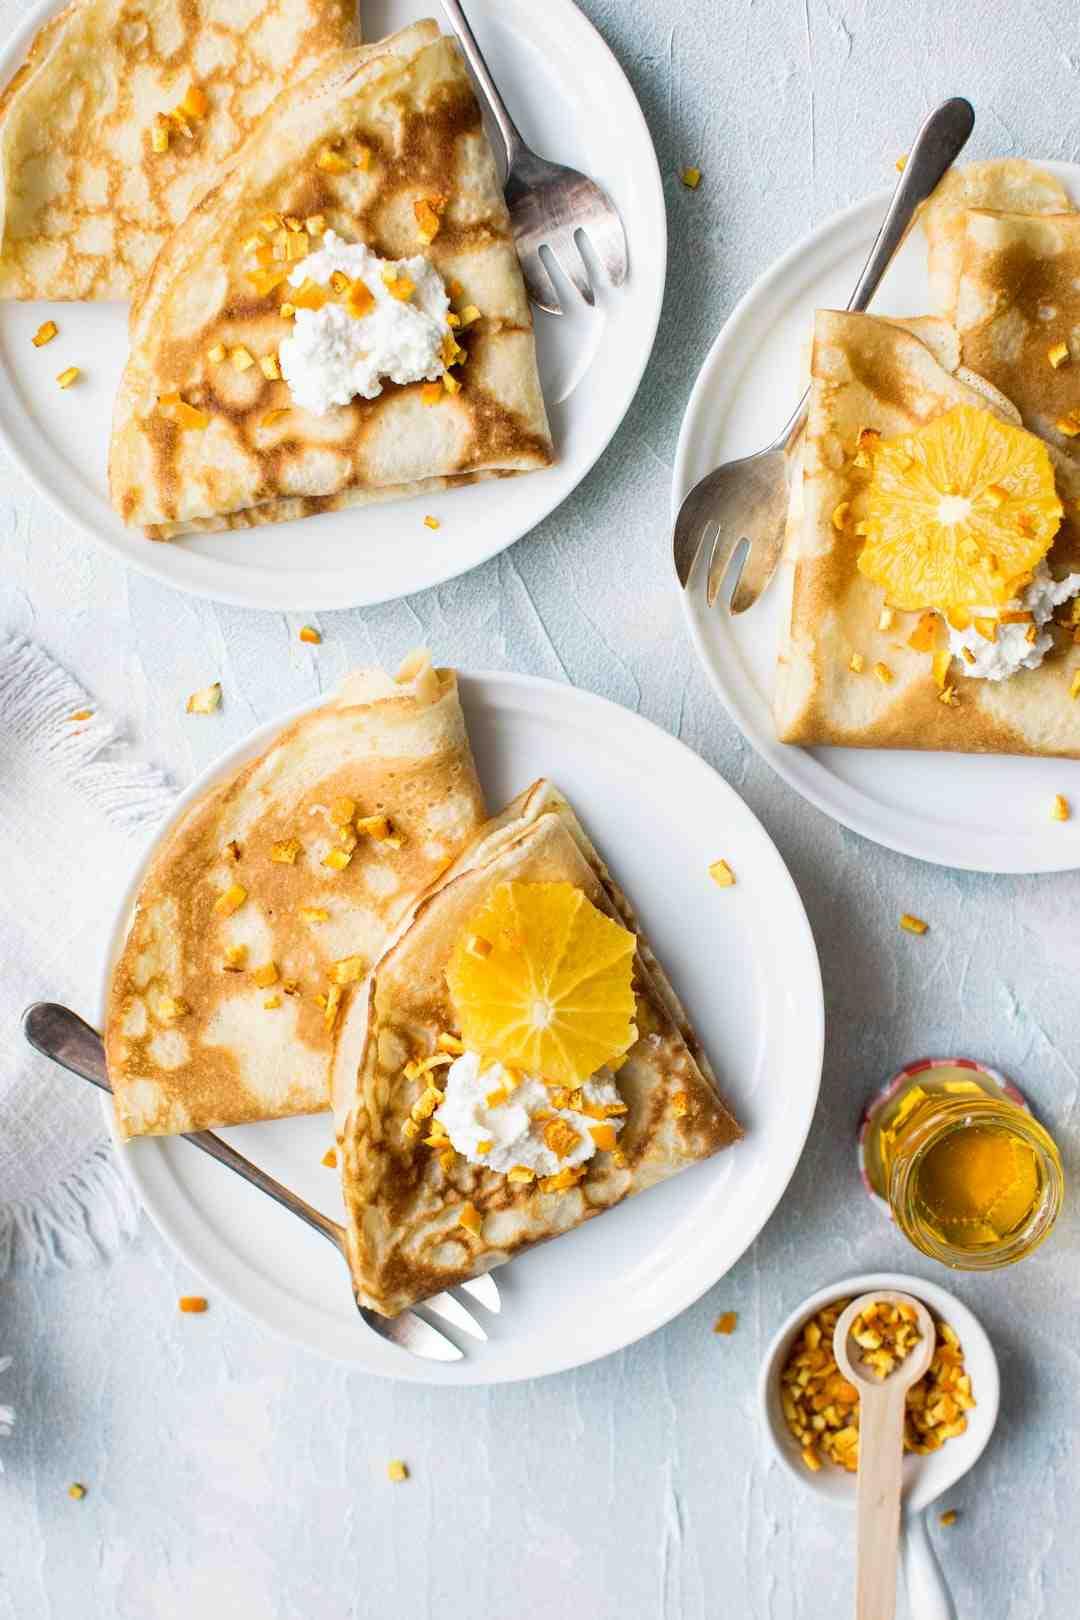 Pourquoi laisser reposer la pâte à crêpe au frigo ?